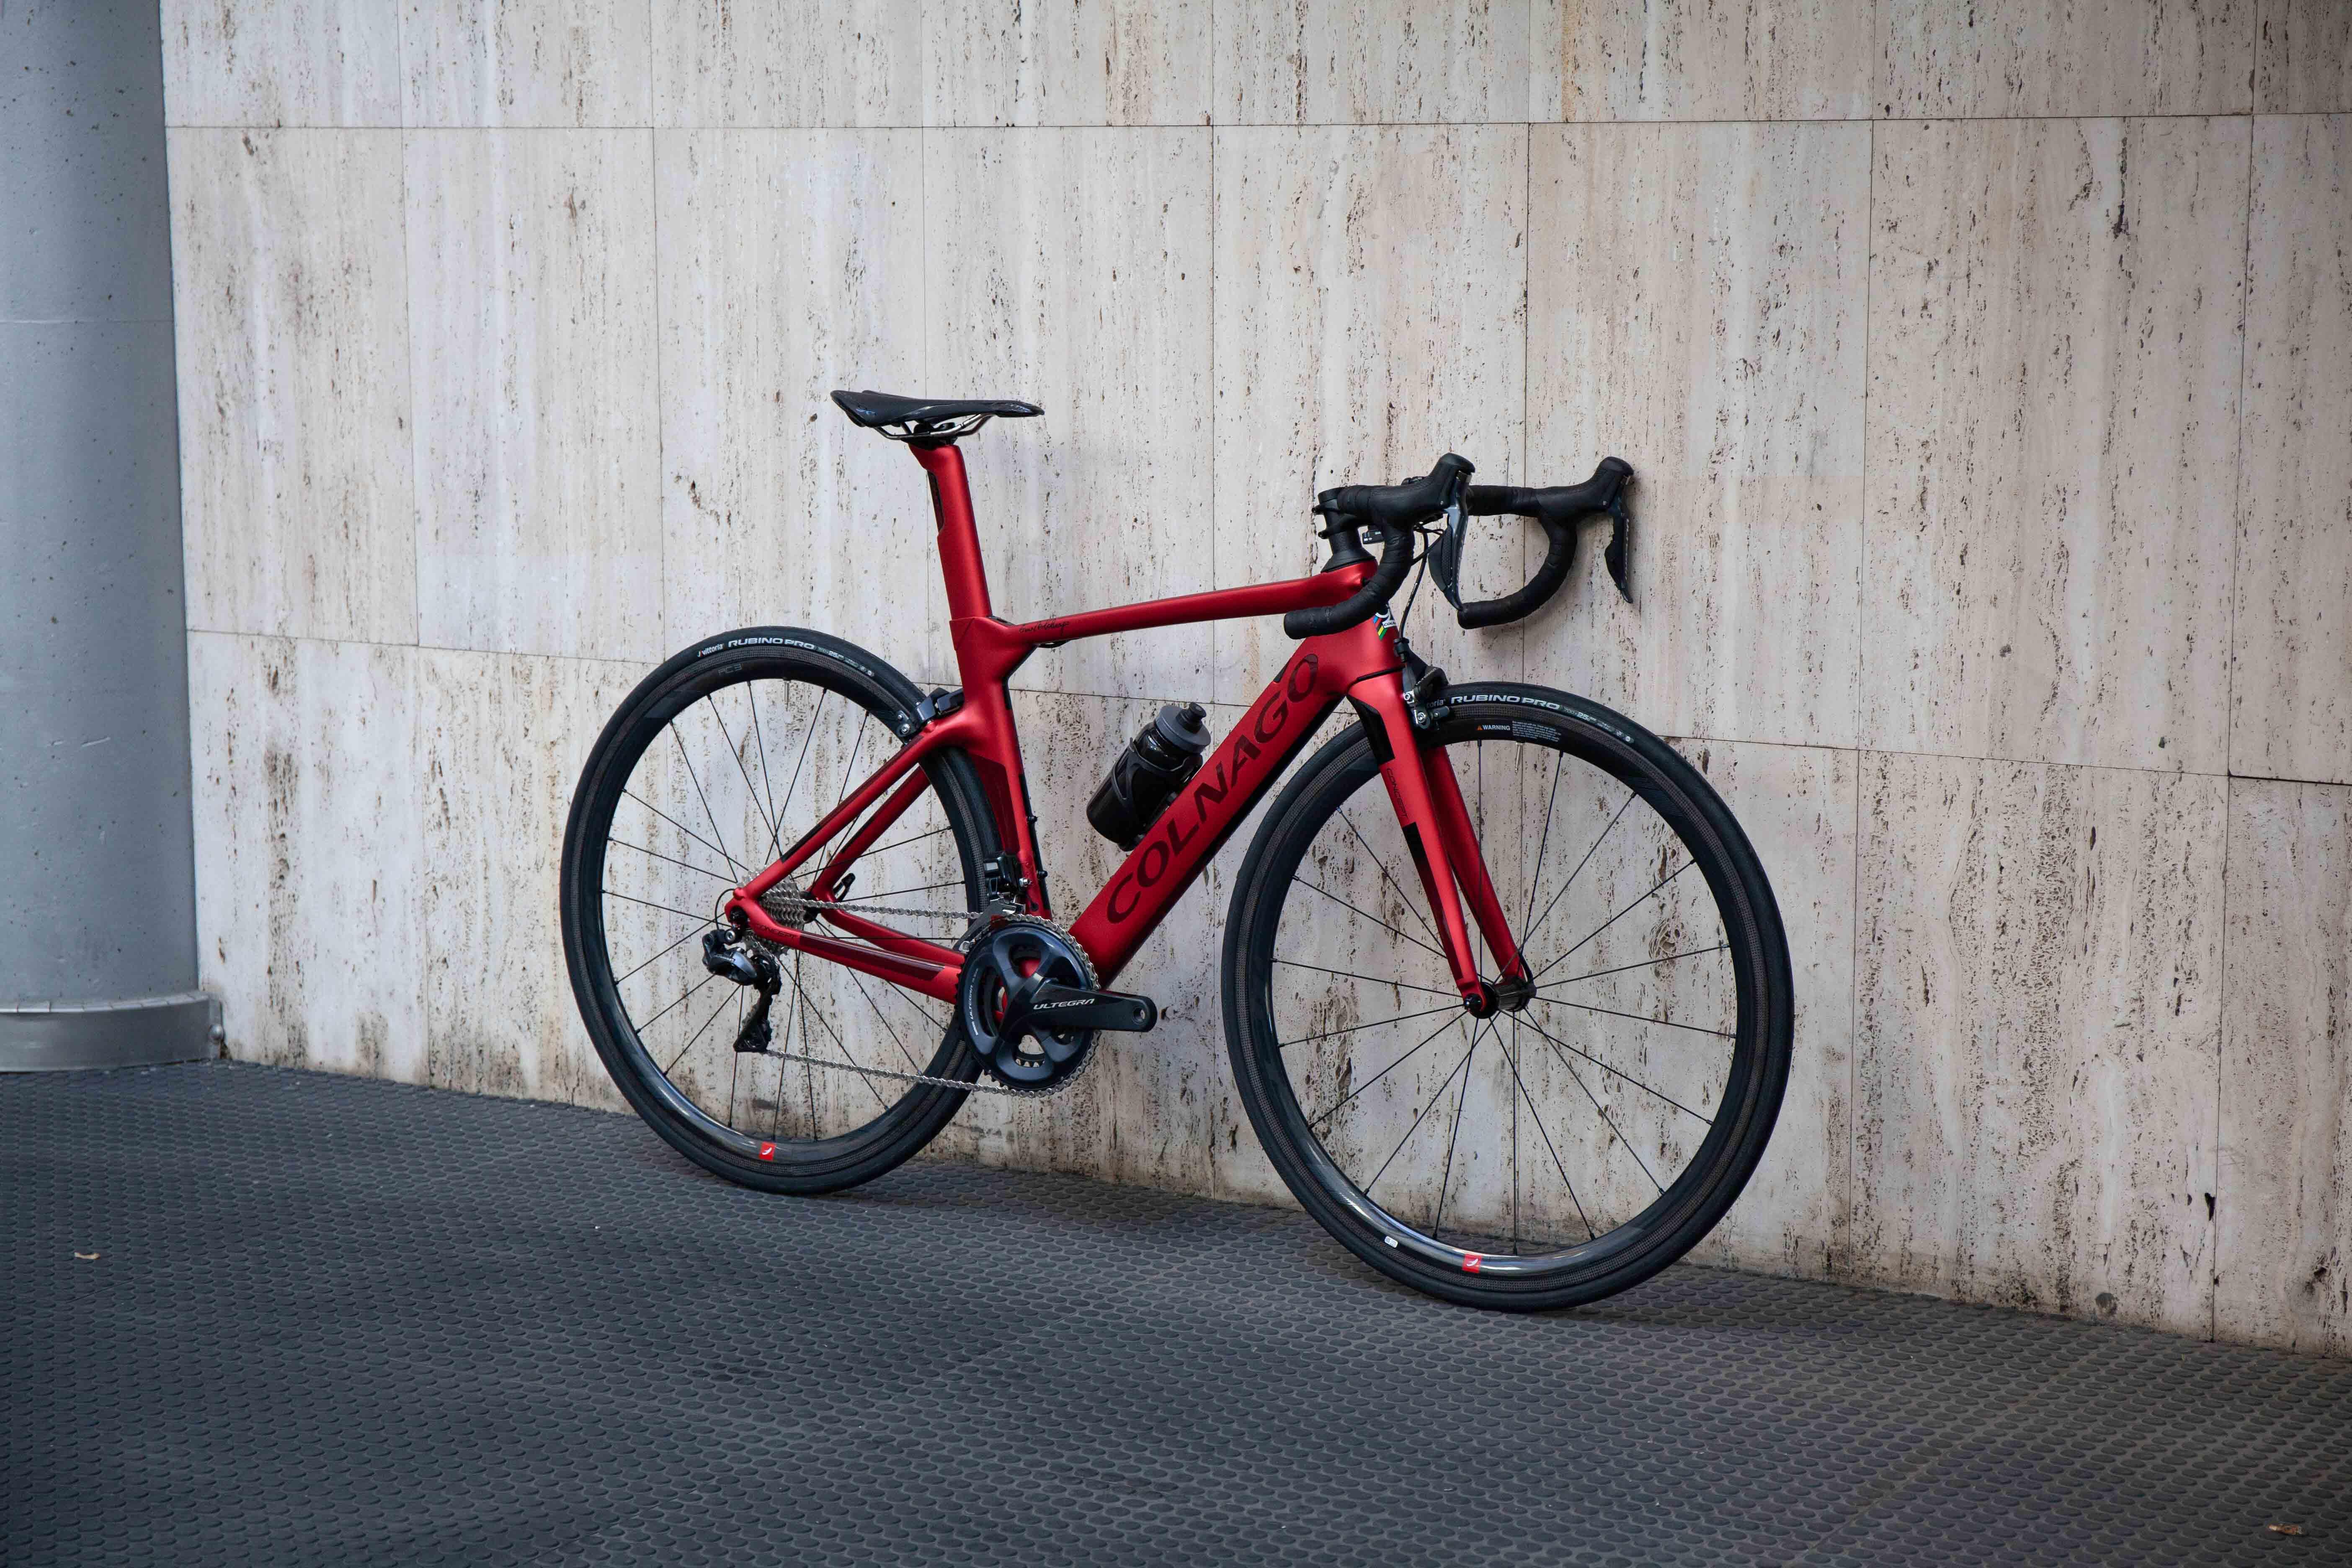 Cicli Corsa Colnago Concept Ultegra Fulcrum-3